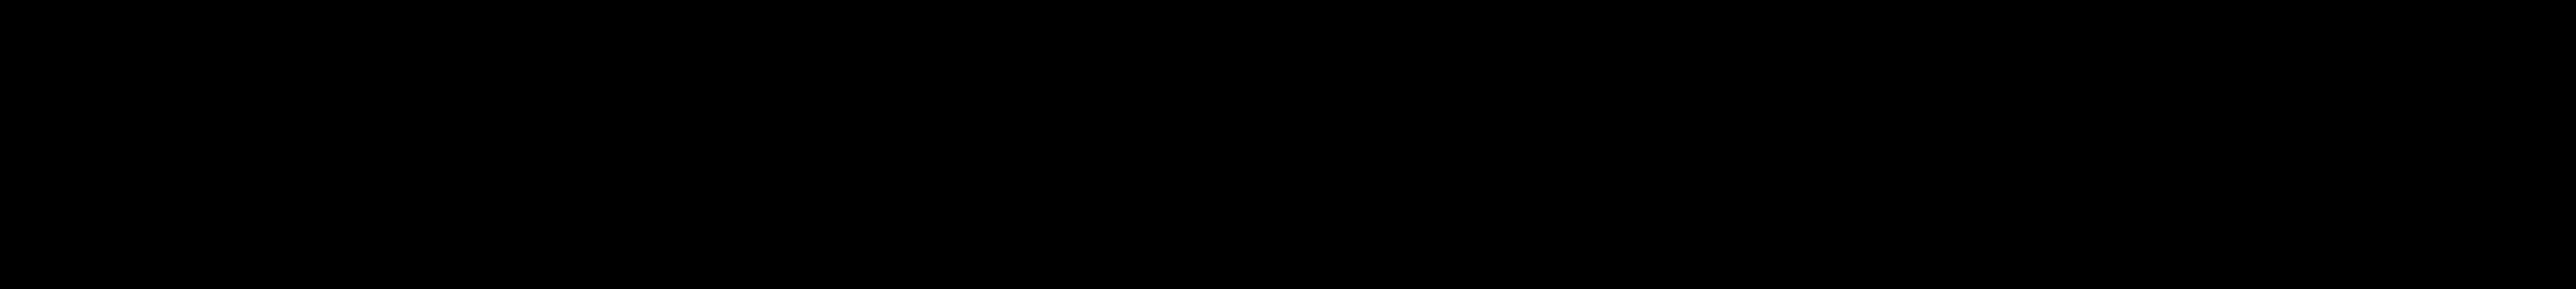 carbon-black-logo-transparente